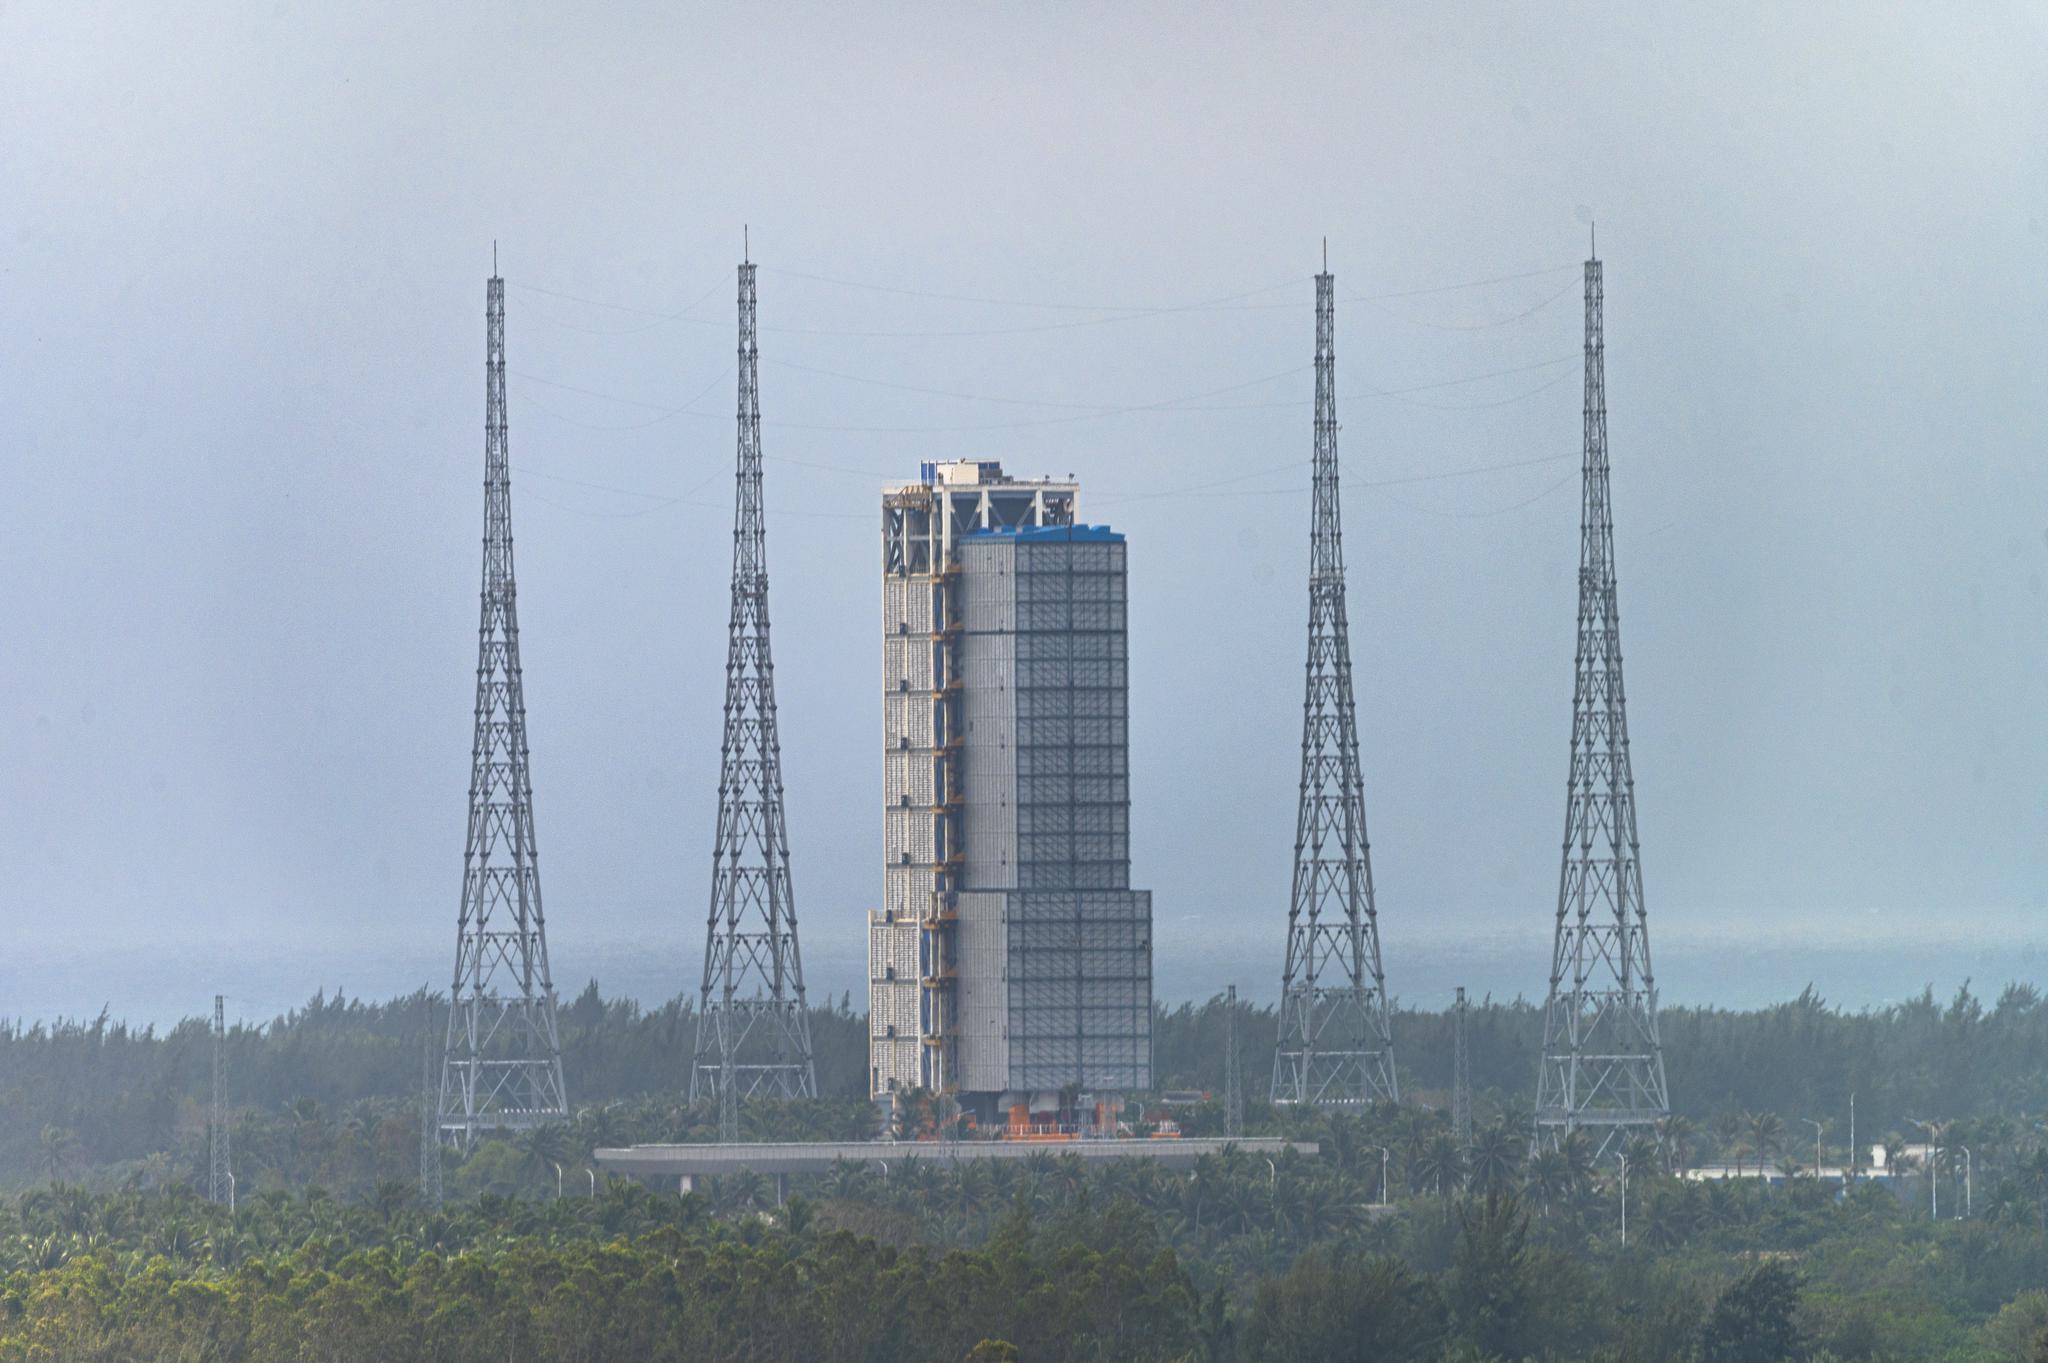 11月23日,搭载嫦娥五号的长征五号运载火箭已经在海南文昌发射中央蓄势待发。视觉中国 图